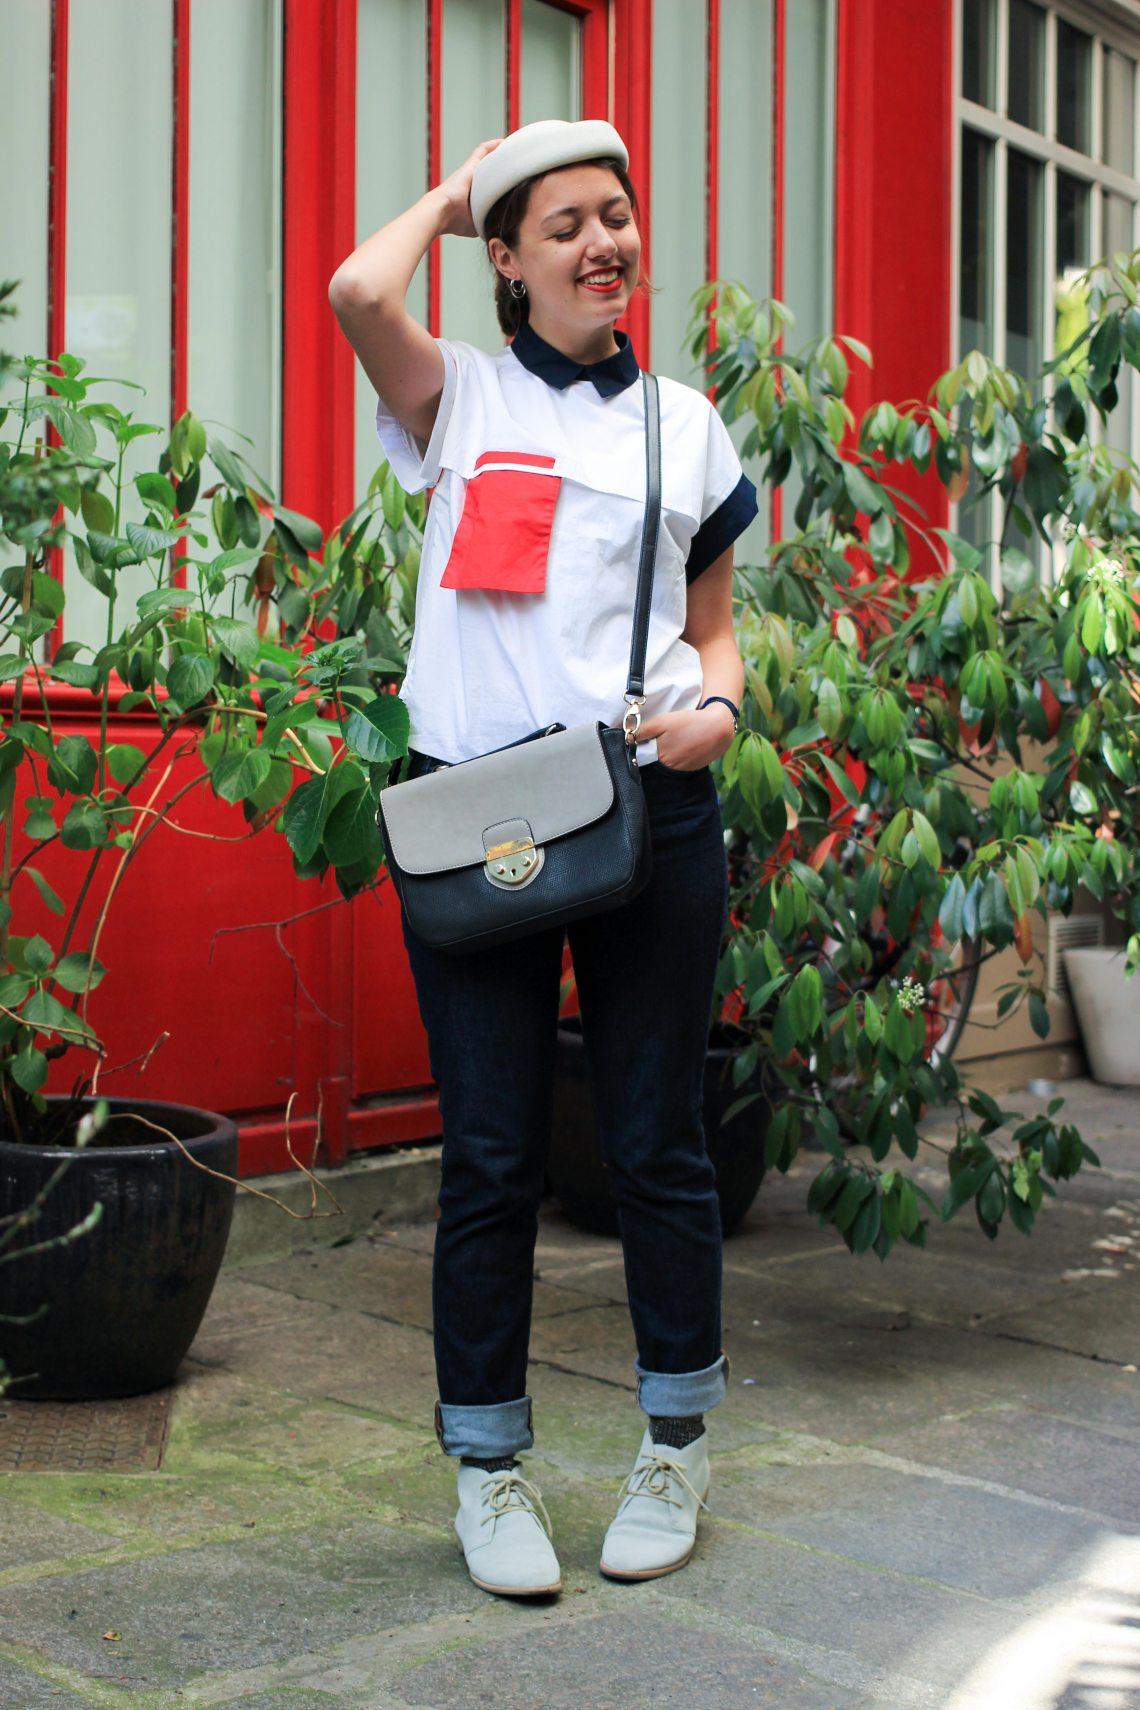 2-chemise-blanche-et-rouge-chapeau-blanc